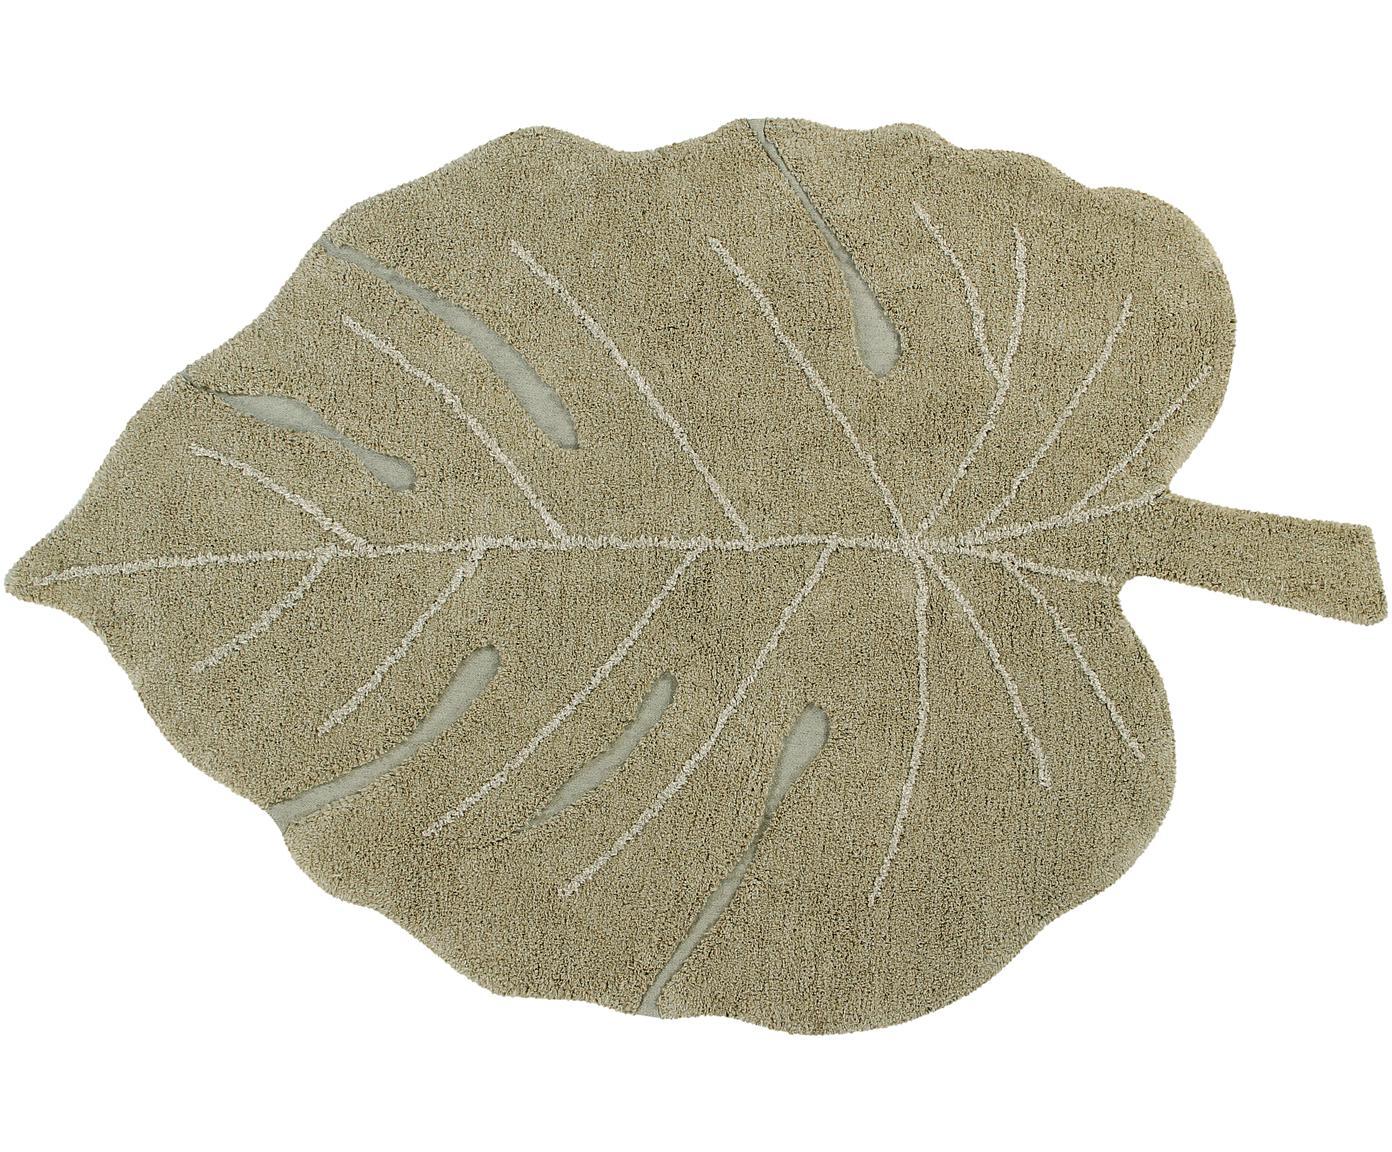 Alfombra artesanal Monstera, lavable, Parte superior: 97%algodón, 3%algodón r, Reverso: algodón reciclado, Verde, crema, An 120 x L 180 cm (Tamaño S)